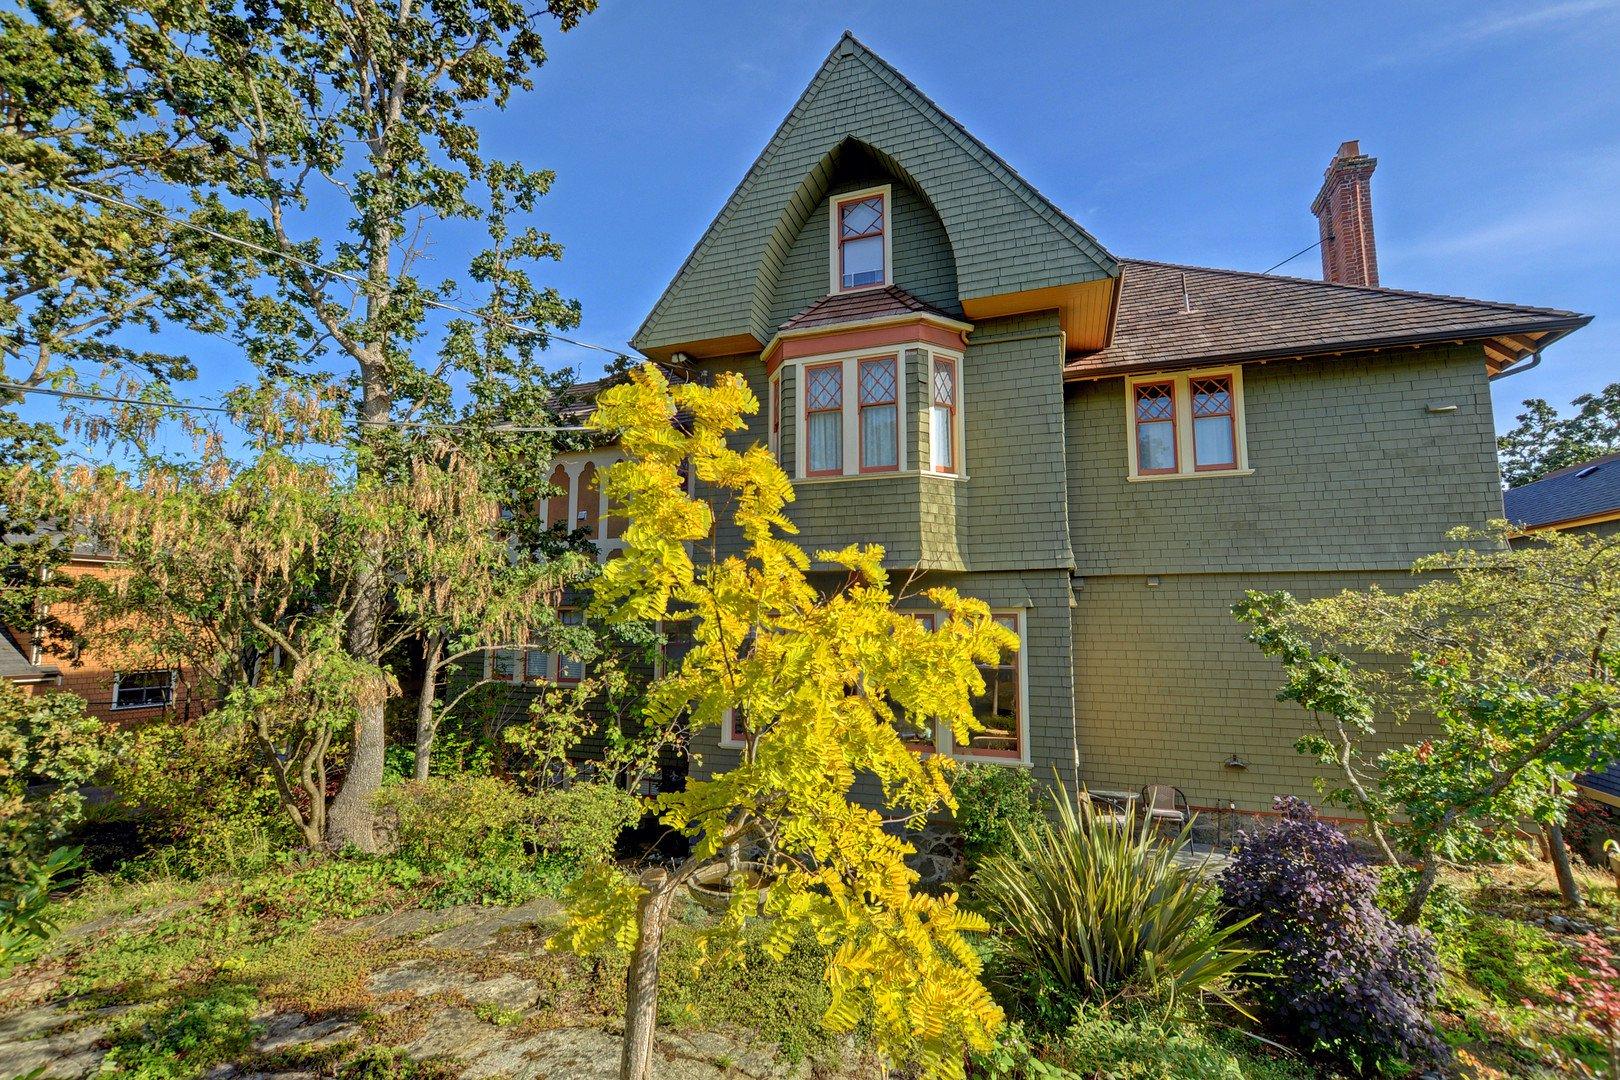 Main Photo: 4 851 Wollaston St in VICTORIA: Es Old Esquimalt Condo for sale (Esquimalt)  : MLS®# 797829